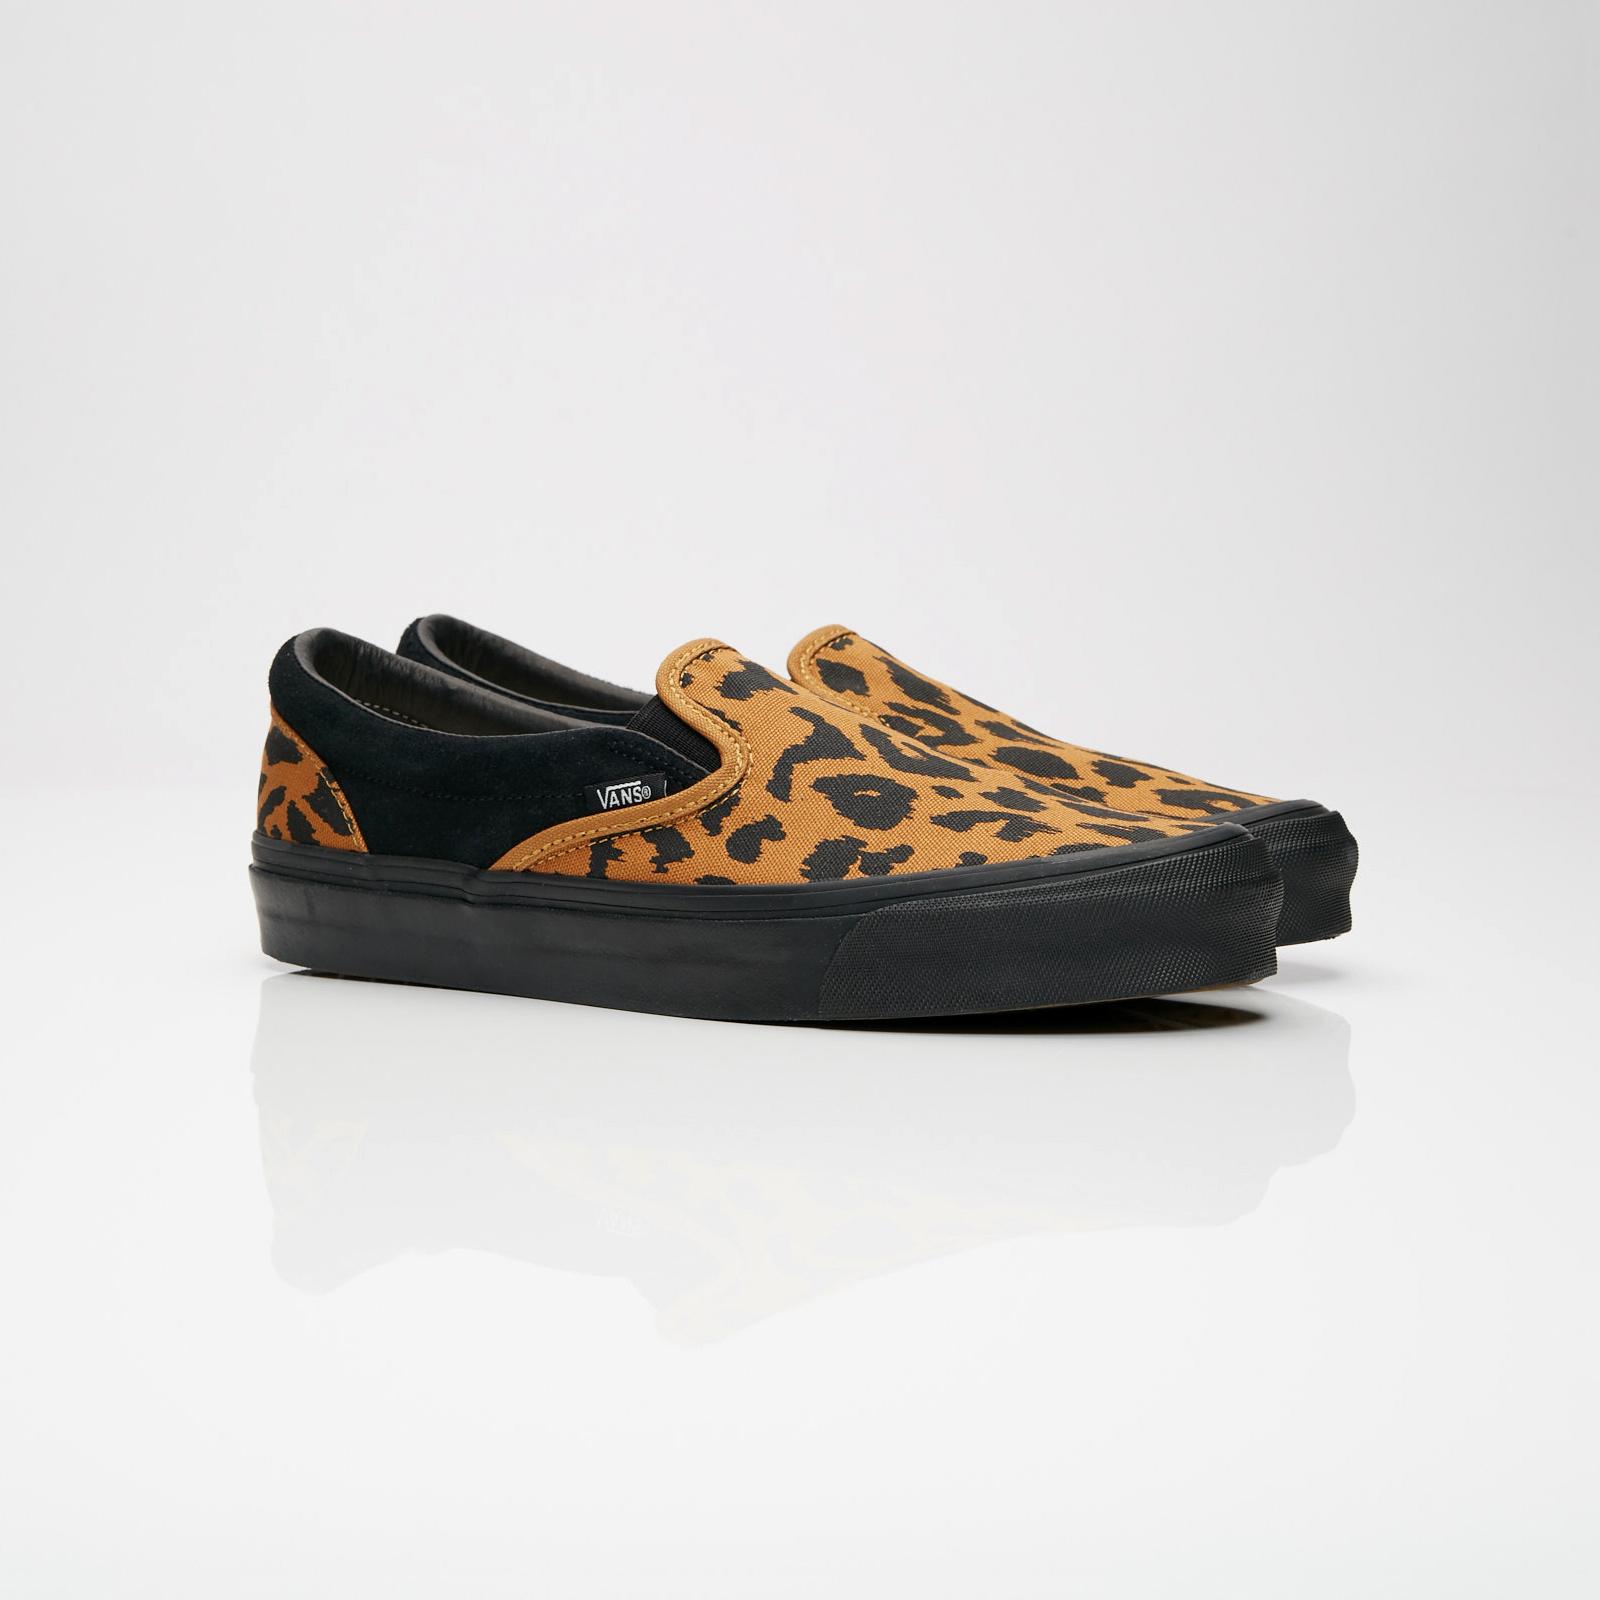 e96186855359 Vans UA OG Classic Slip-On LX - V00udfu9r - Sneakersnstuff ...